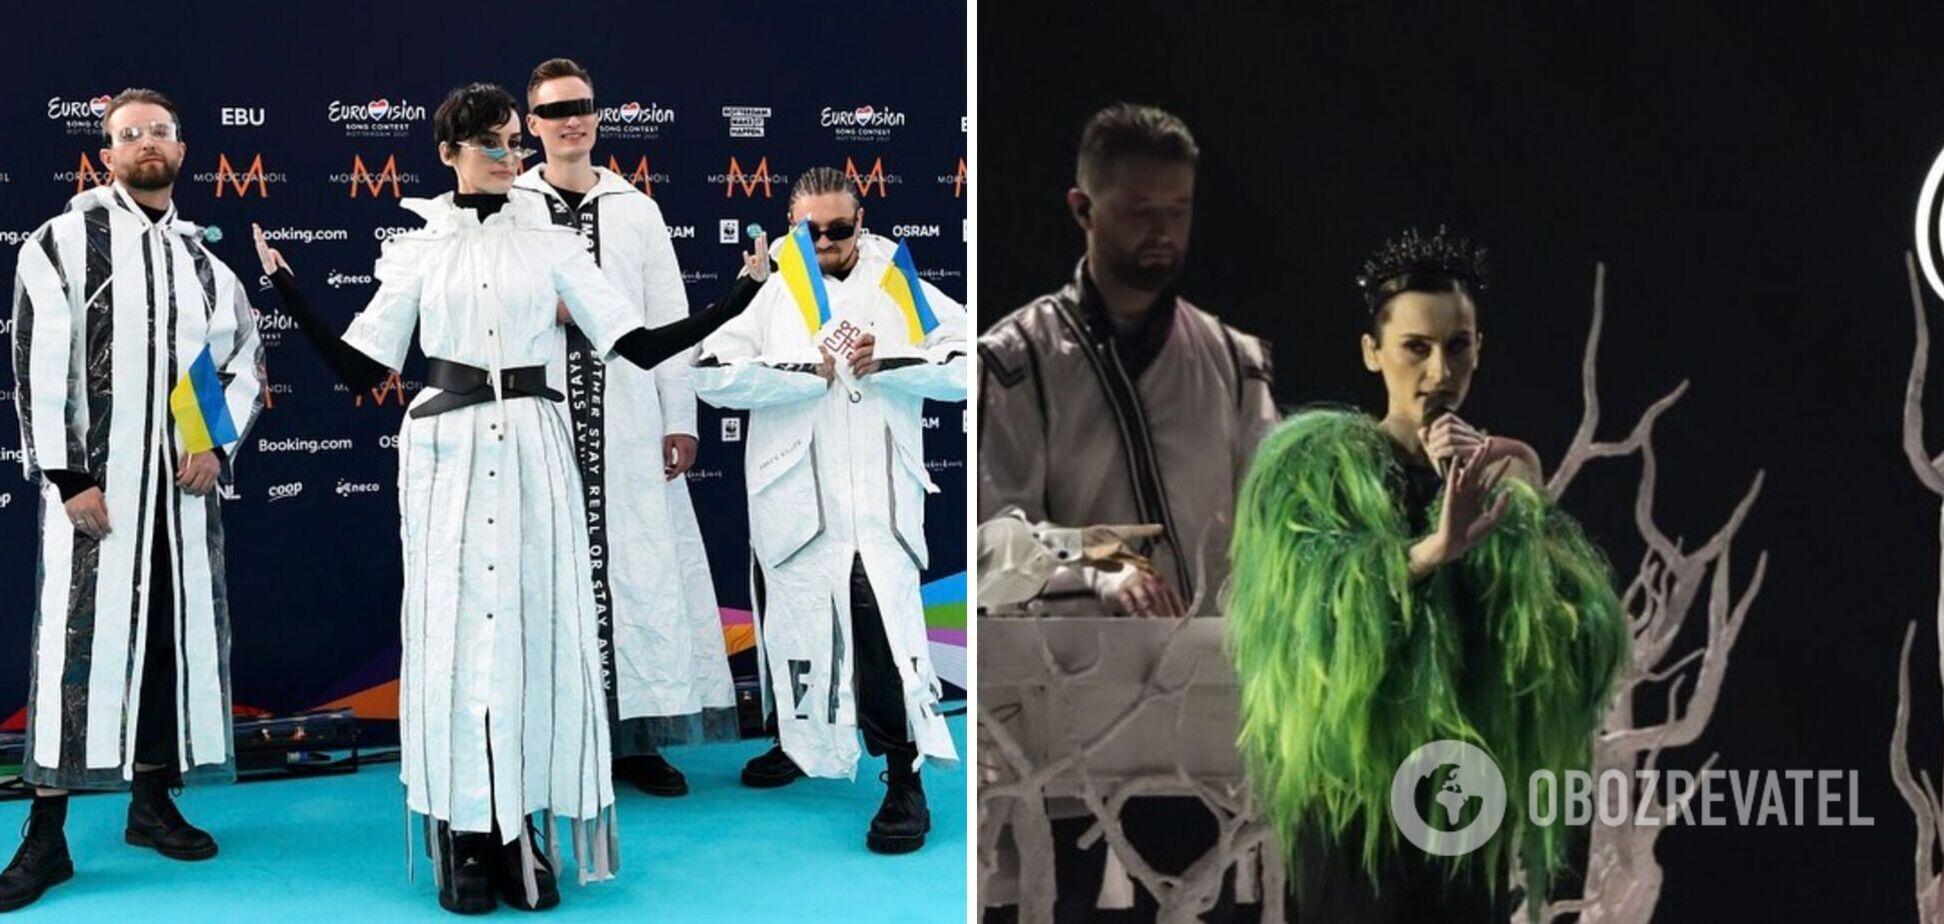 Украинской Go_A в полуфинале Евровидения 2021 зал аплодировал стоя. Фото и видео яркого шоу